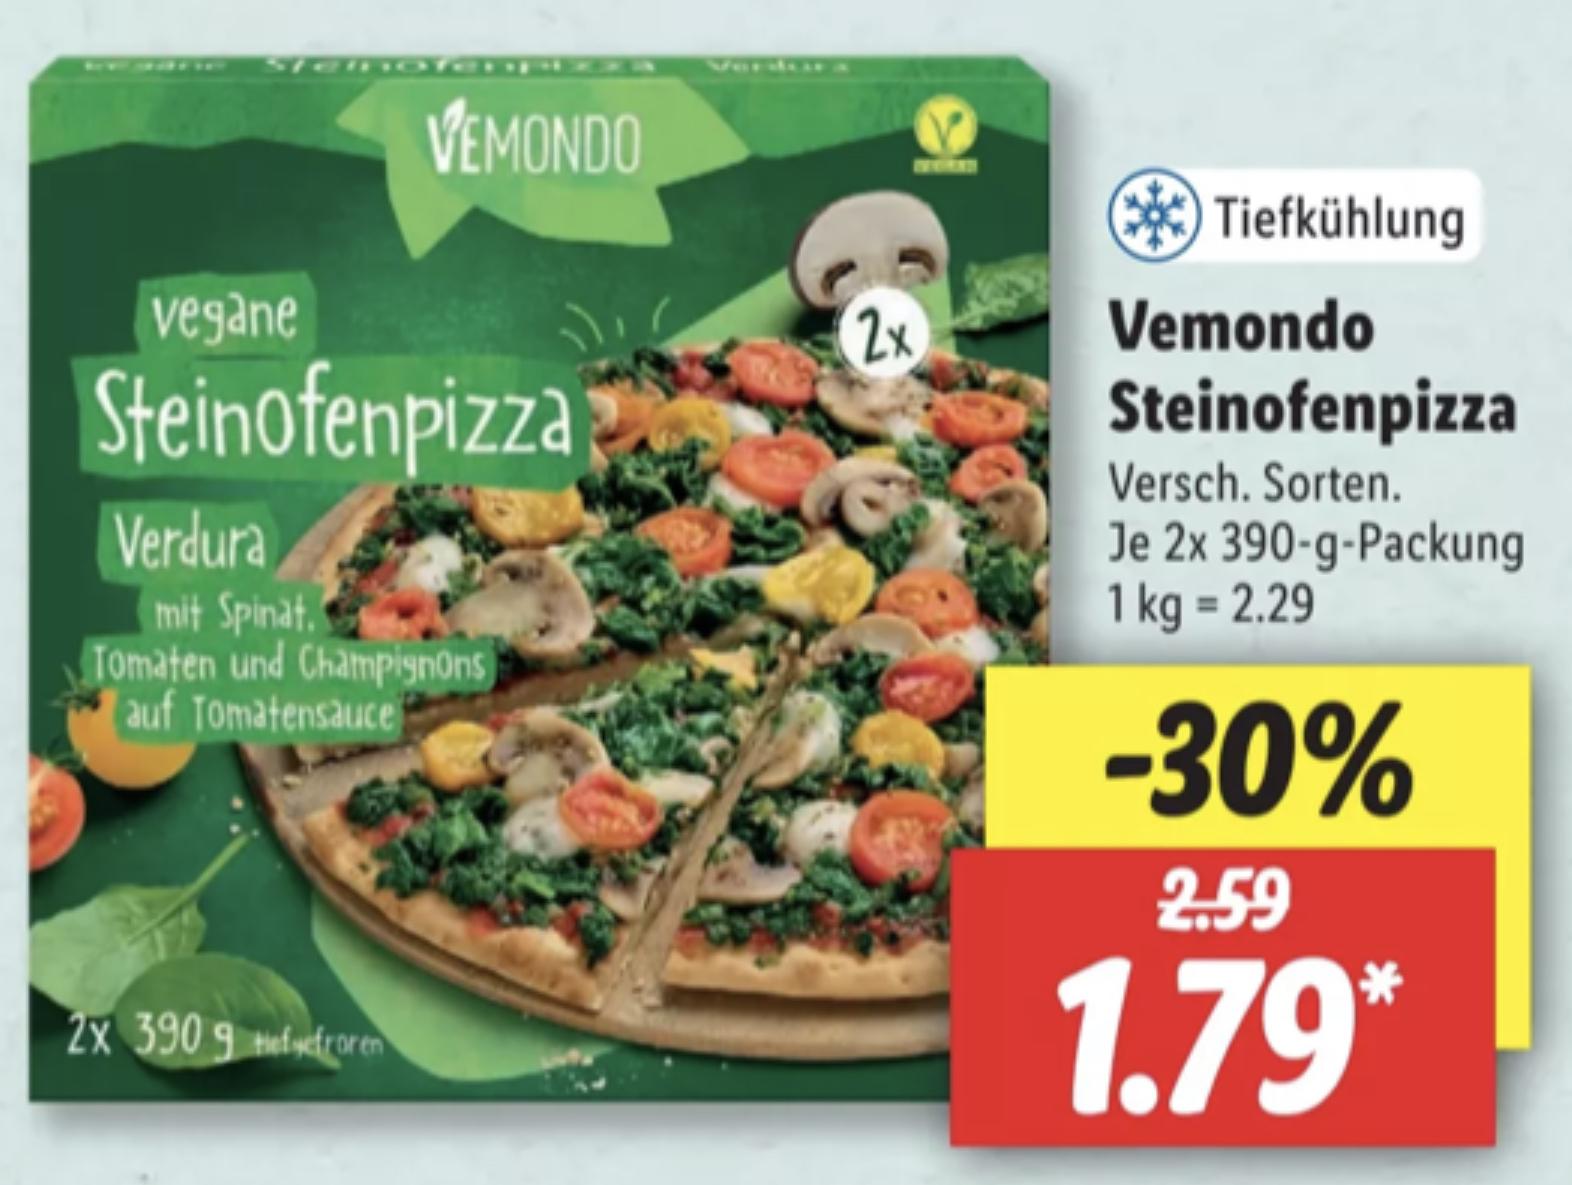 [lokal] Lidl: Vemondo vegane Steinofenpizza versch. Sorten 2 x 390g Packung für 1,79€ und weitere vegane Angebote